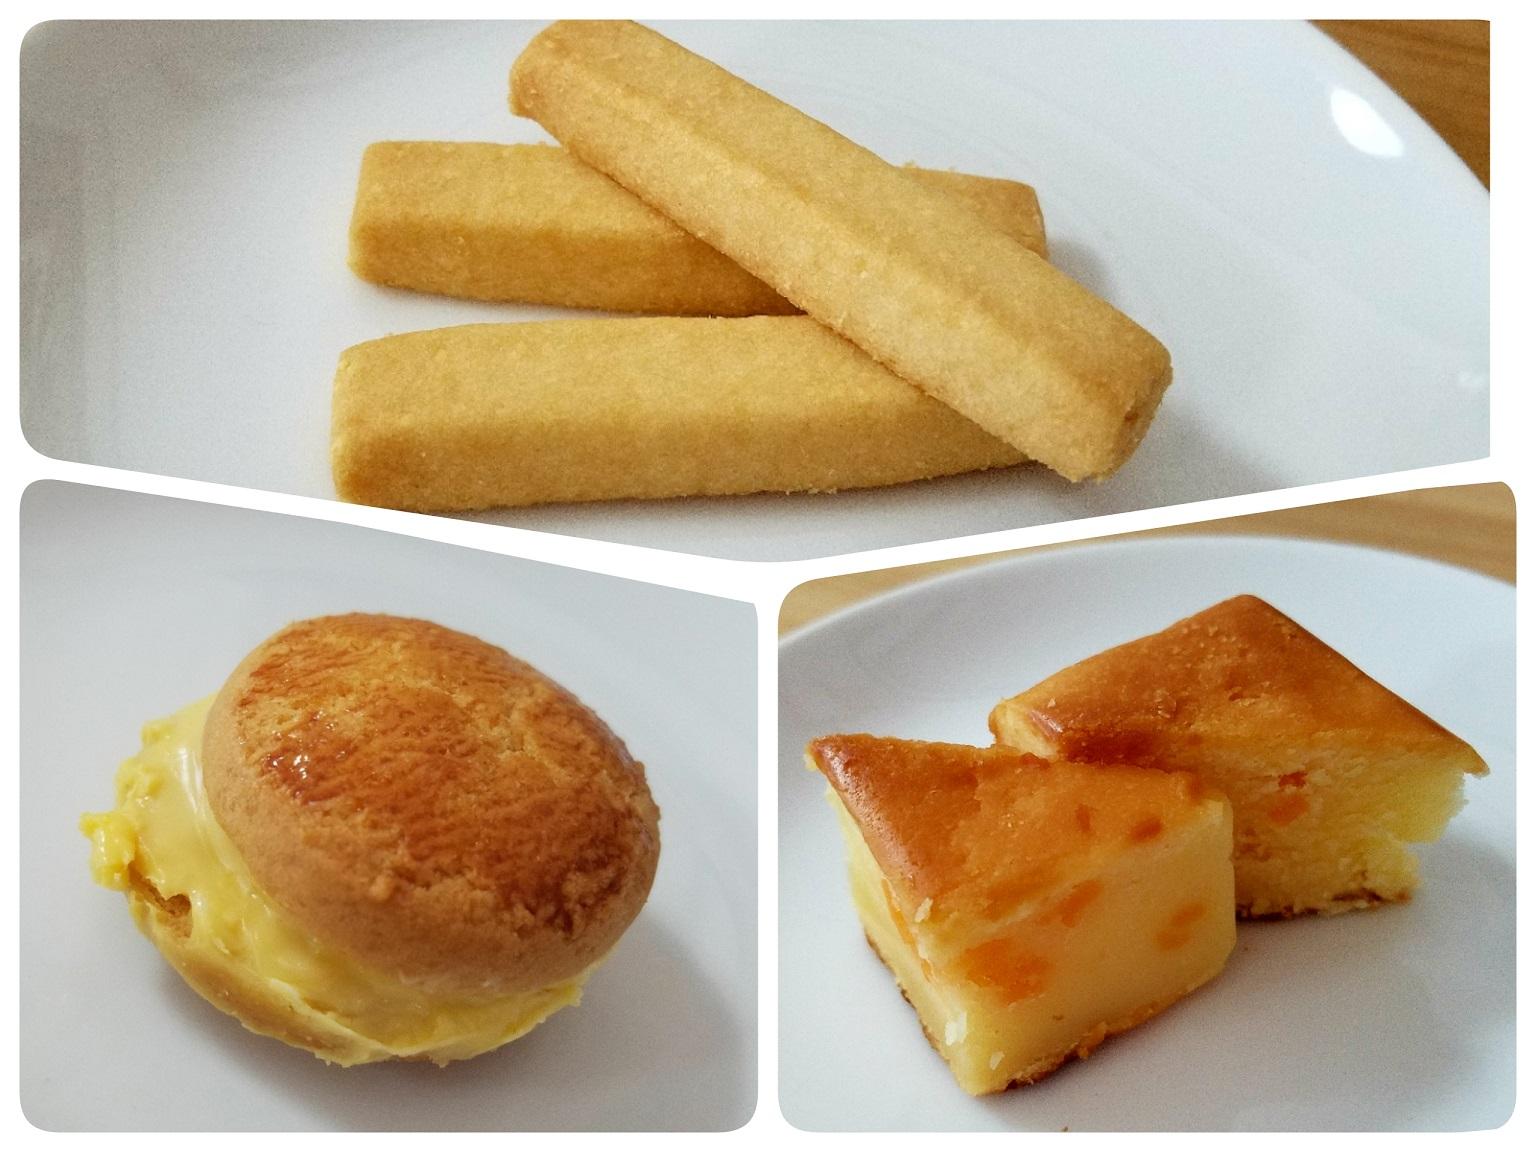 ★可愛くて美味しい!チーズツイーツ専門店MY CAPTAIN CHEESE★